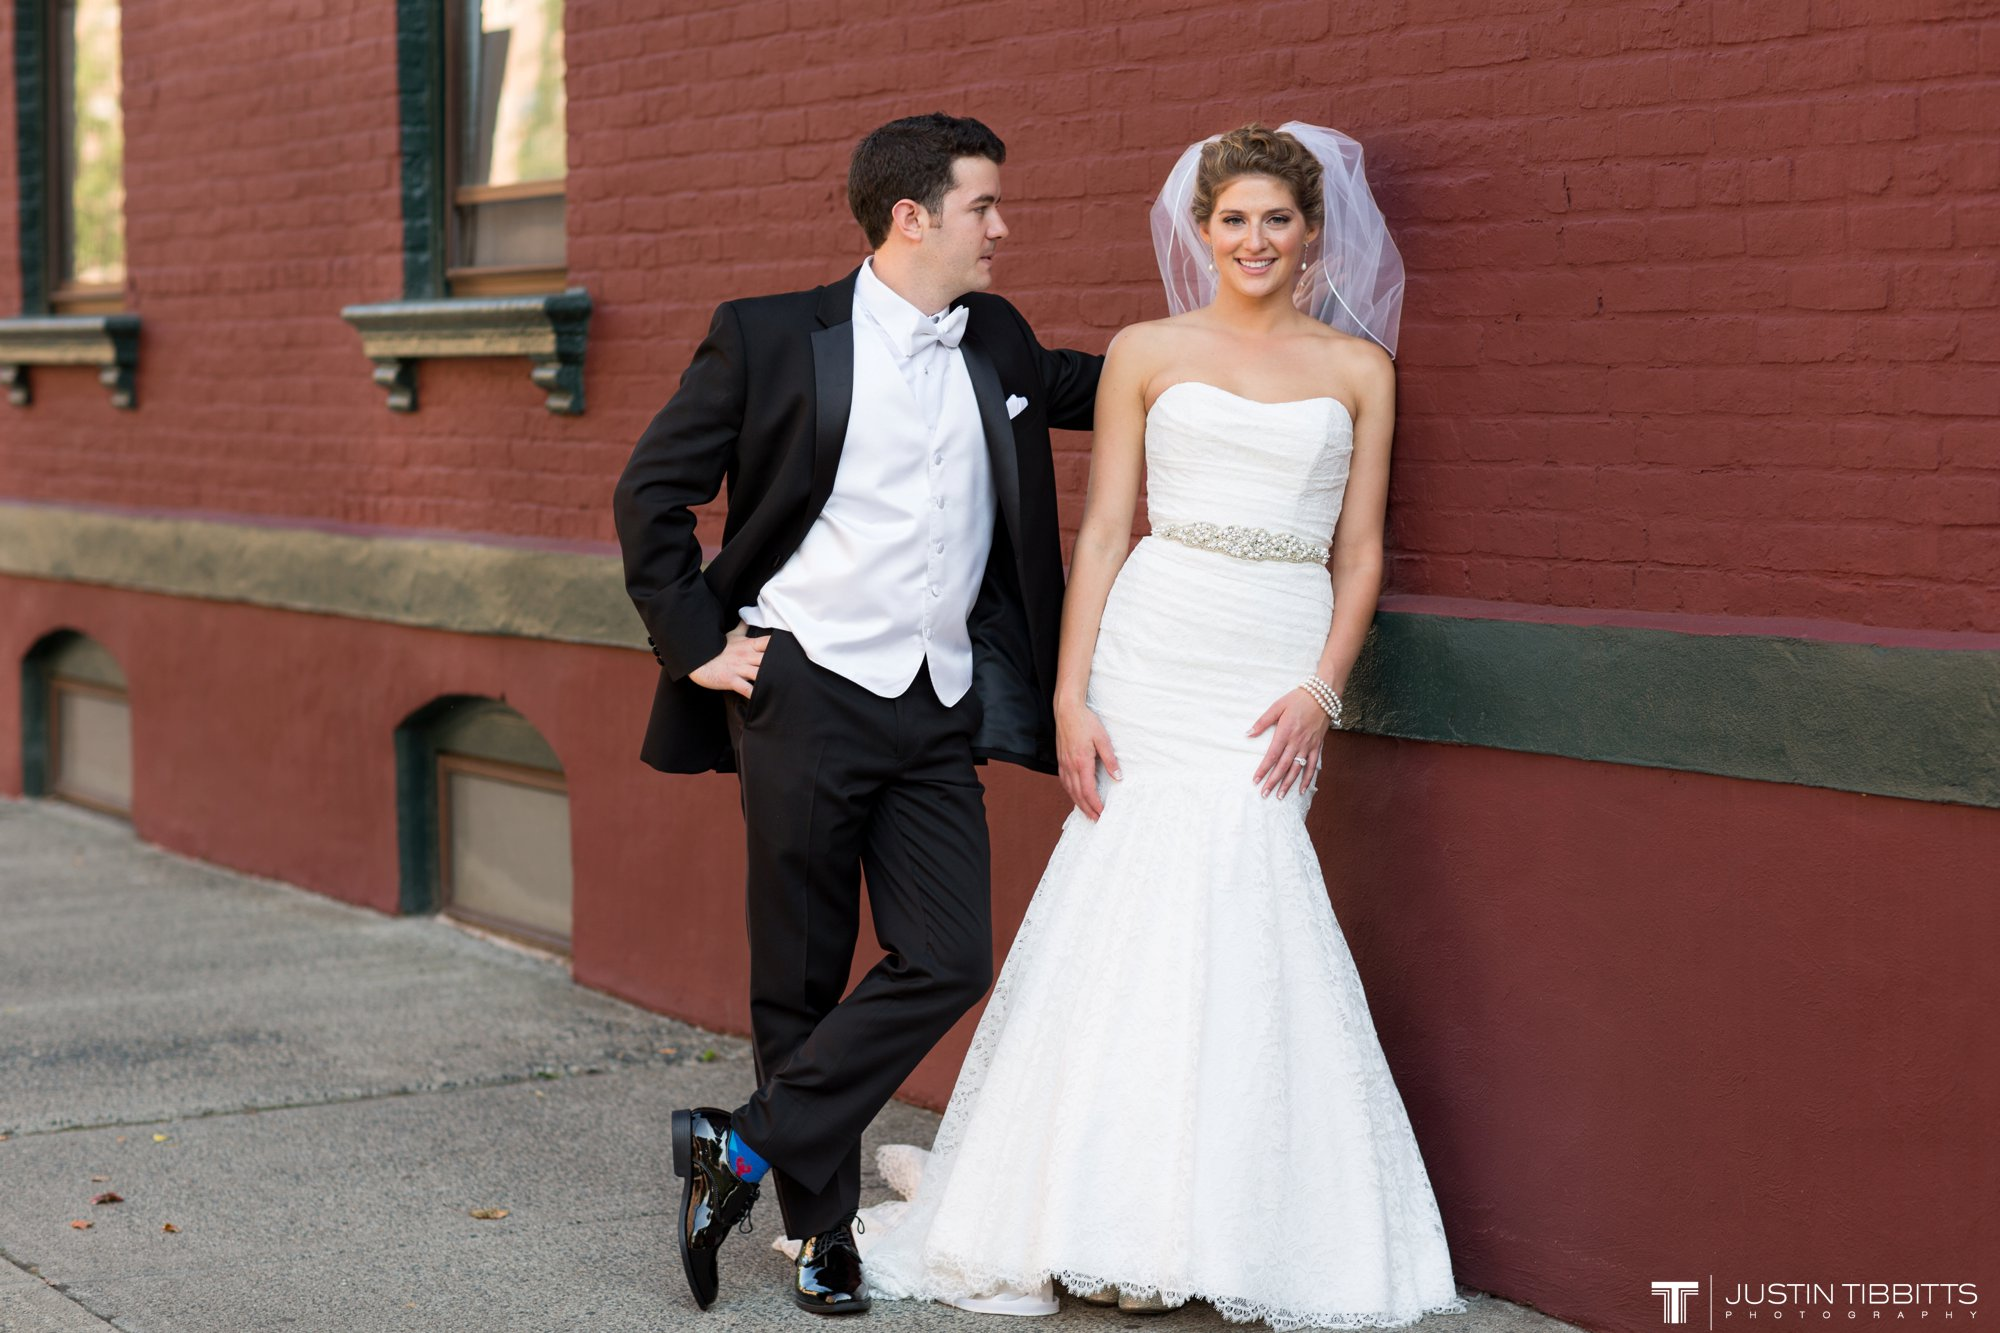 Albany NY Wedding Photographer Justin Tibbitts Photography 2014 Best of Albany NY Weddings-2586294